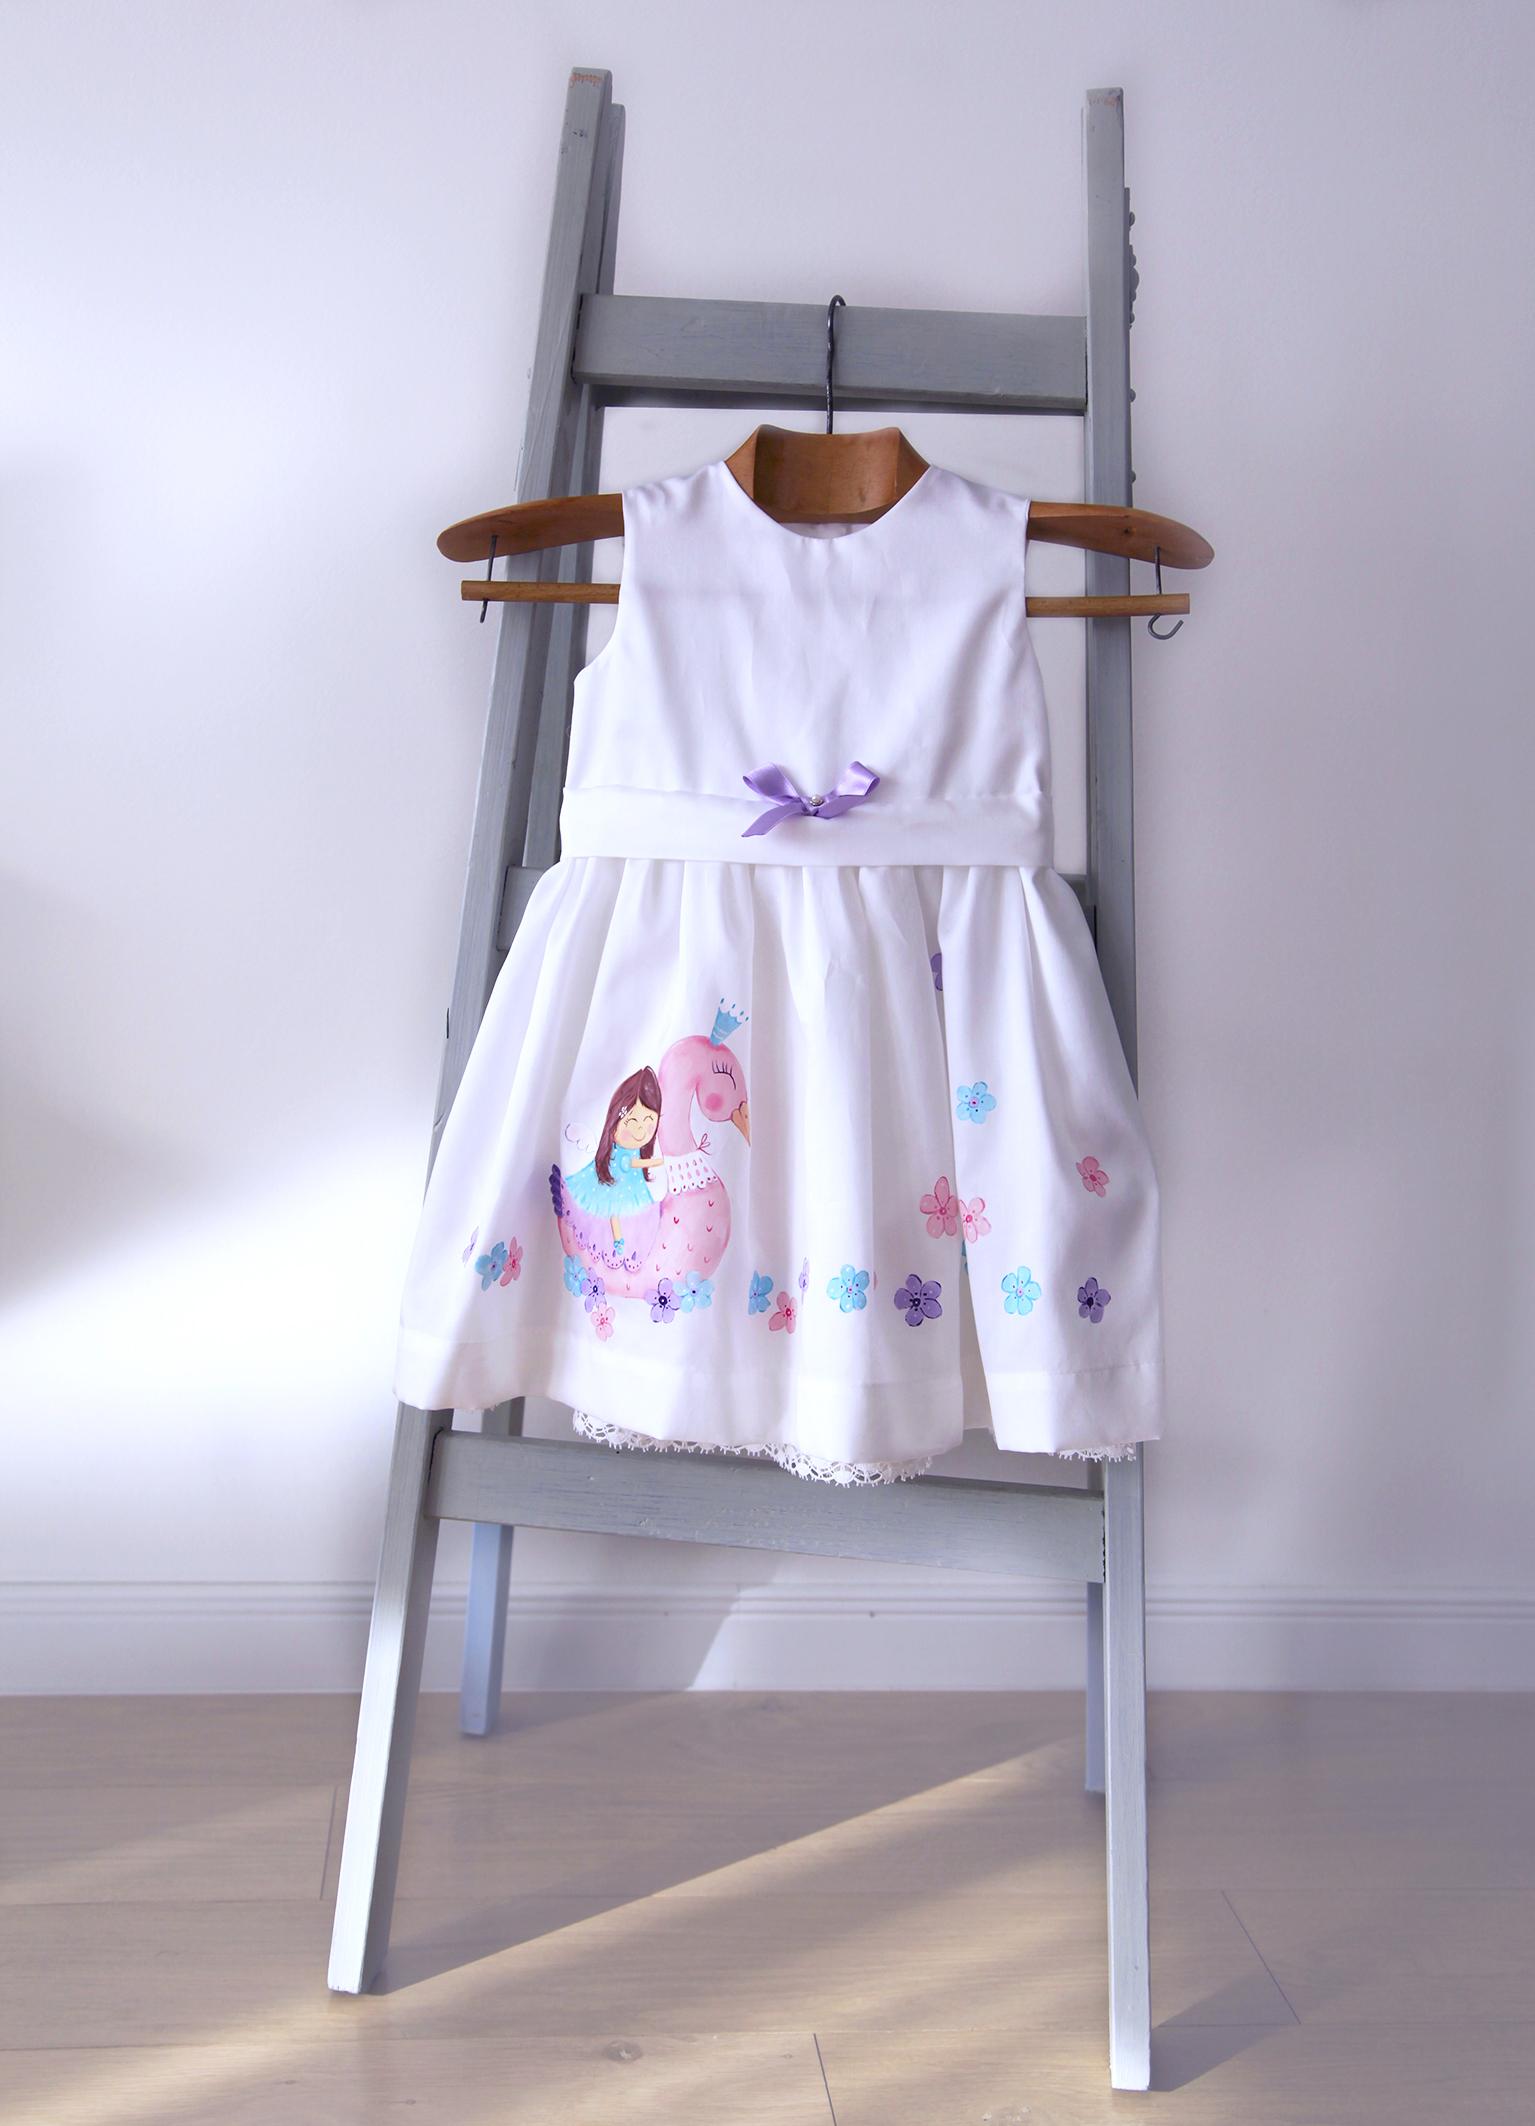 Luci_dress_3.jpg